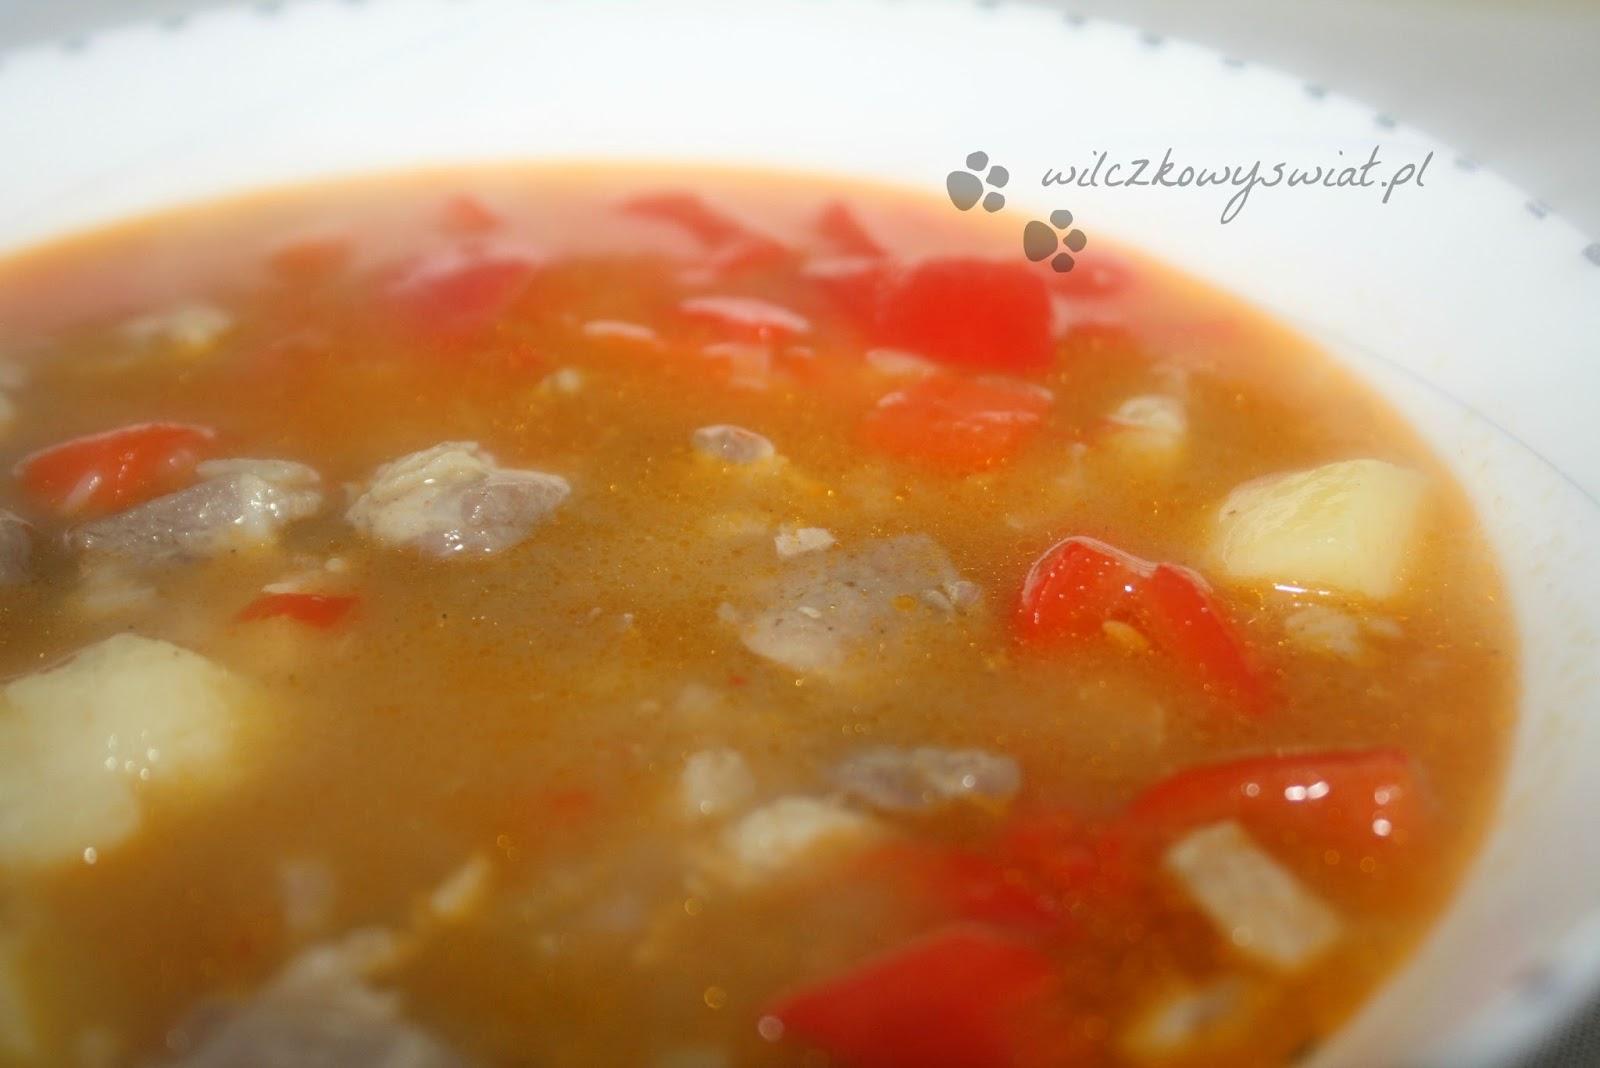 Zupa Gulaszowa Z Pieczona Papryka Wilczkowy Swiat